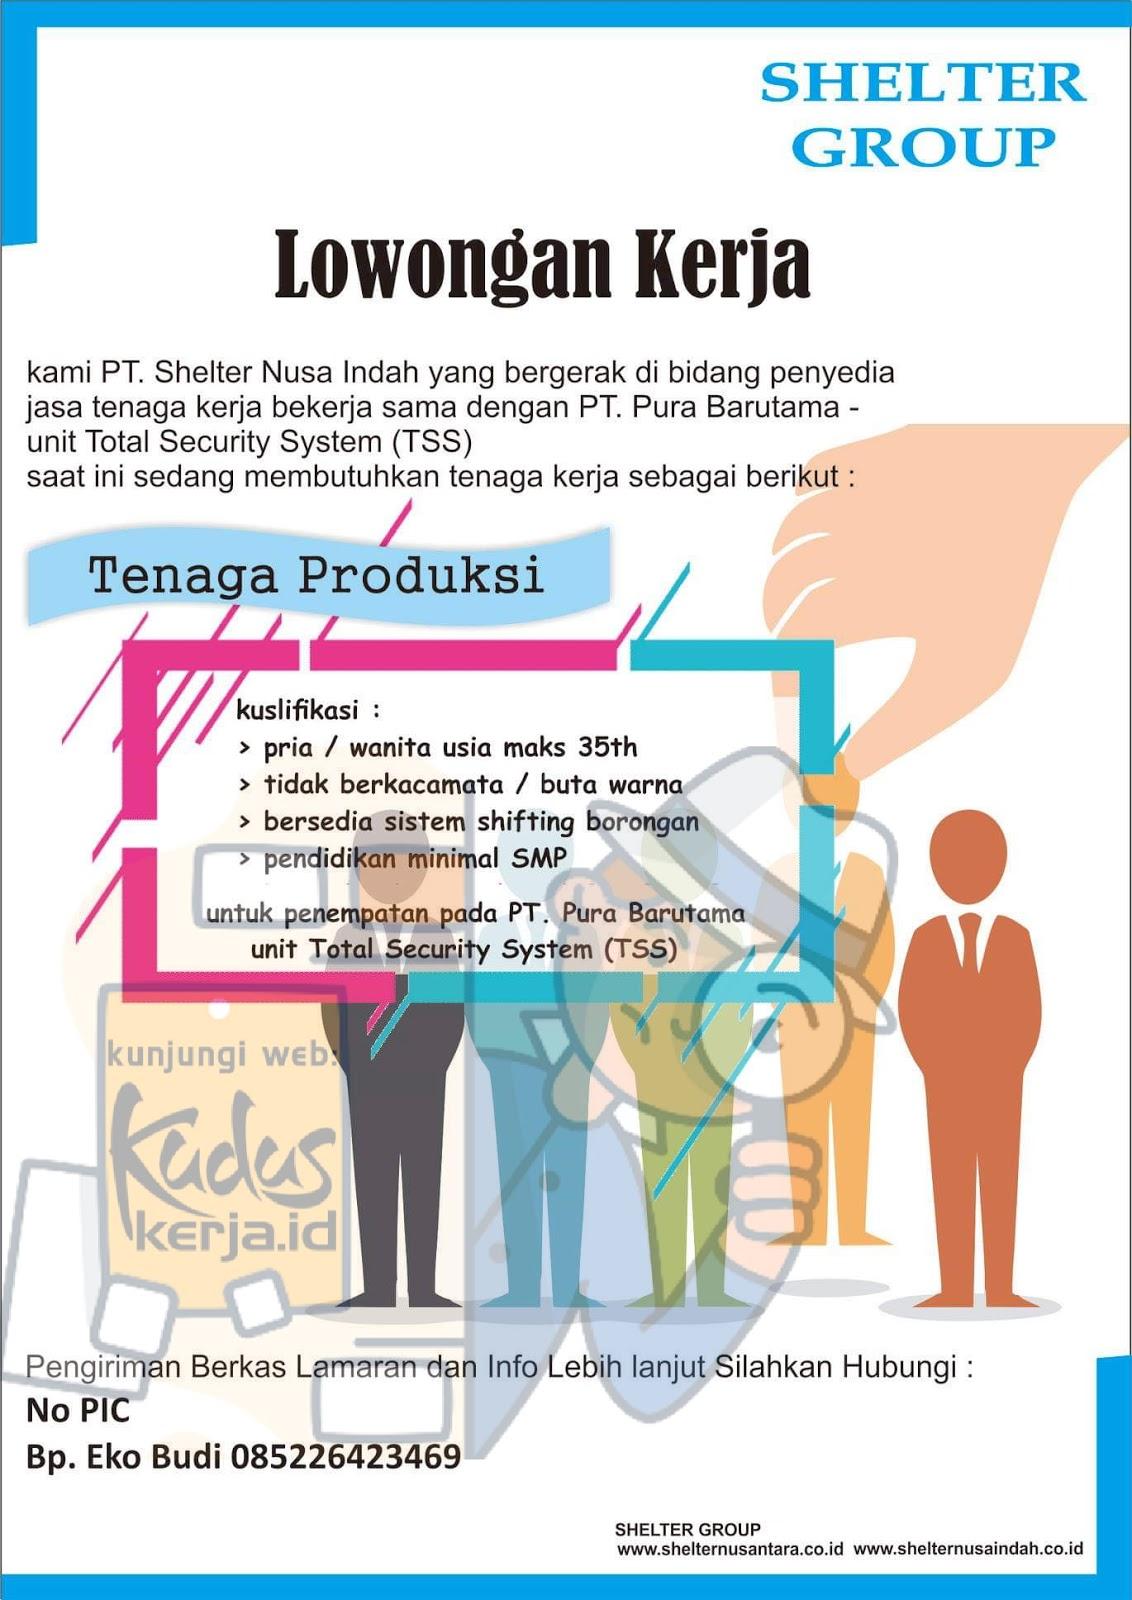 Kuduskerja informasi lowongan kerja hari ini, PT. Shelter Nusa Indah adalah perusahaan penyedia jasa tenaga kerja  Sedang membuka kesempatan berkerja untuk Tenaga Produksi untuk penempatan di PT. Pura Barutama dengan ketentuan sebagai berikut